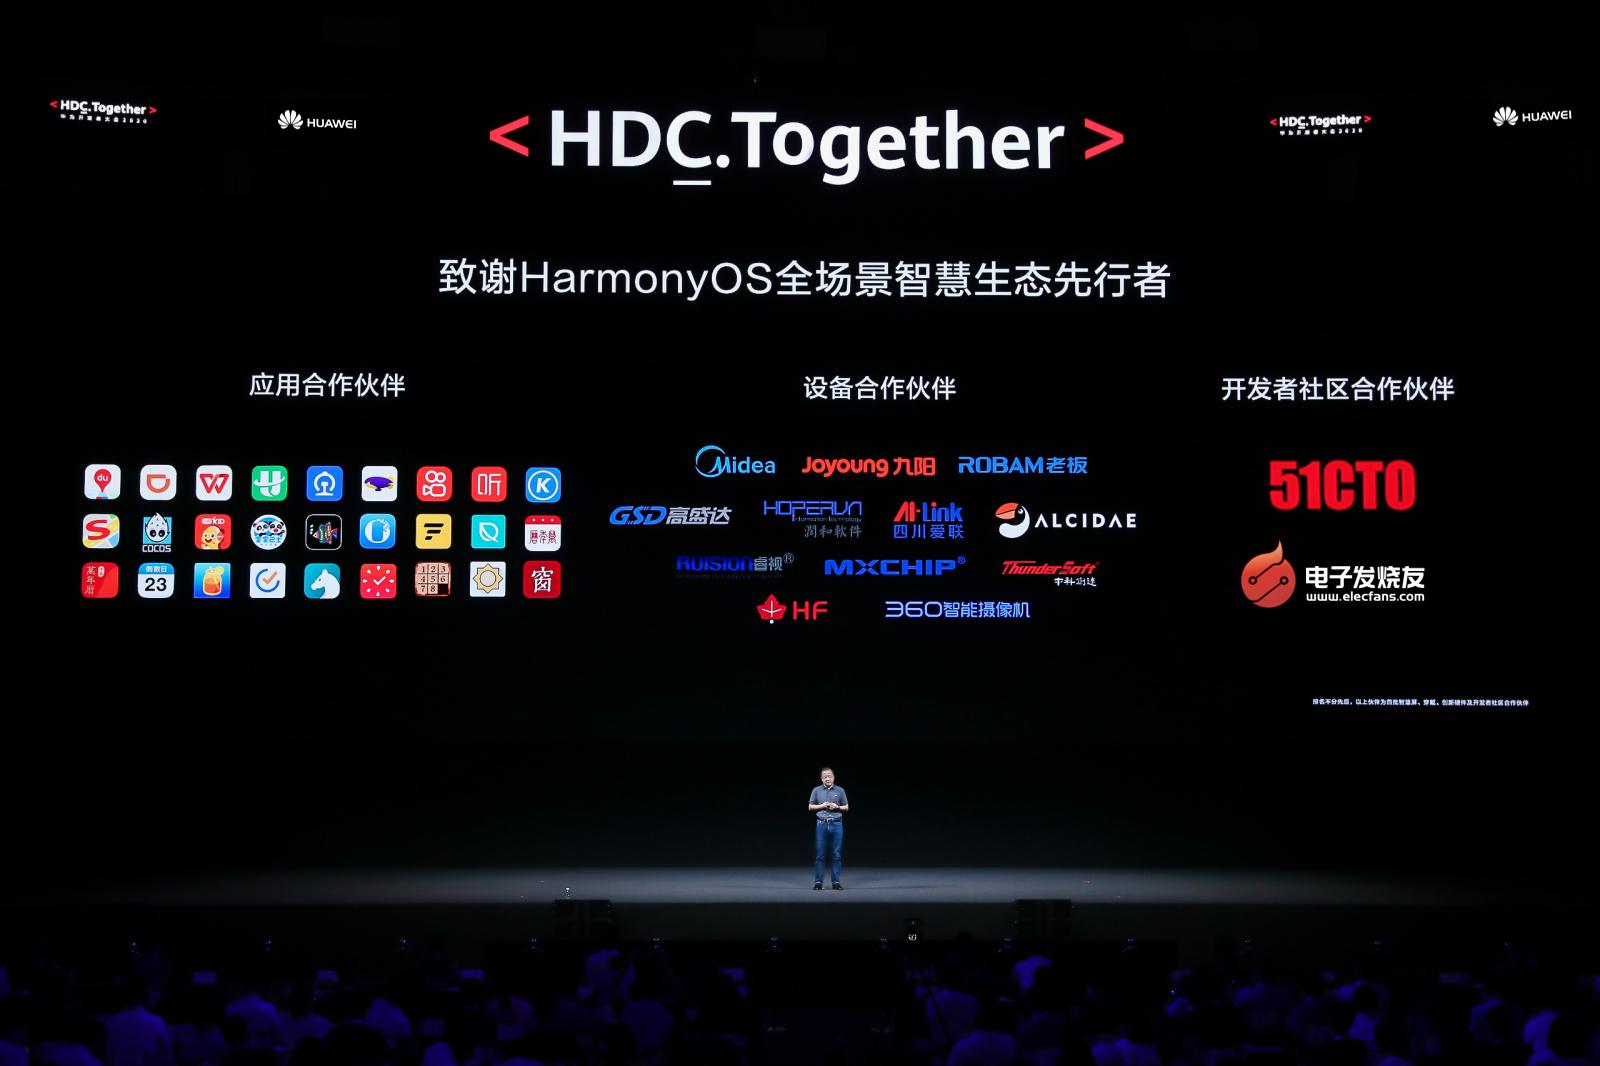 星星之火可以燎原 华为手机明年全面支持HarmonyOS